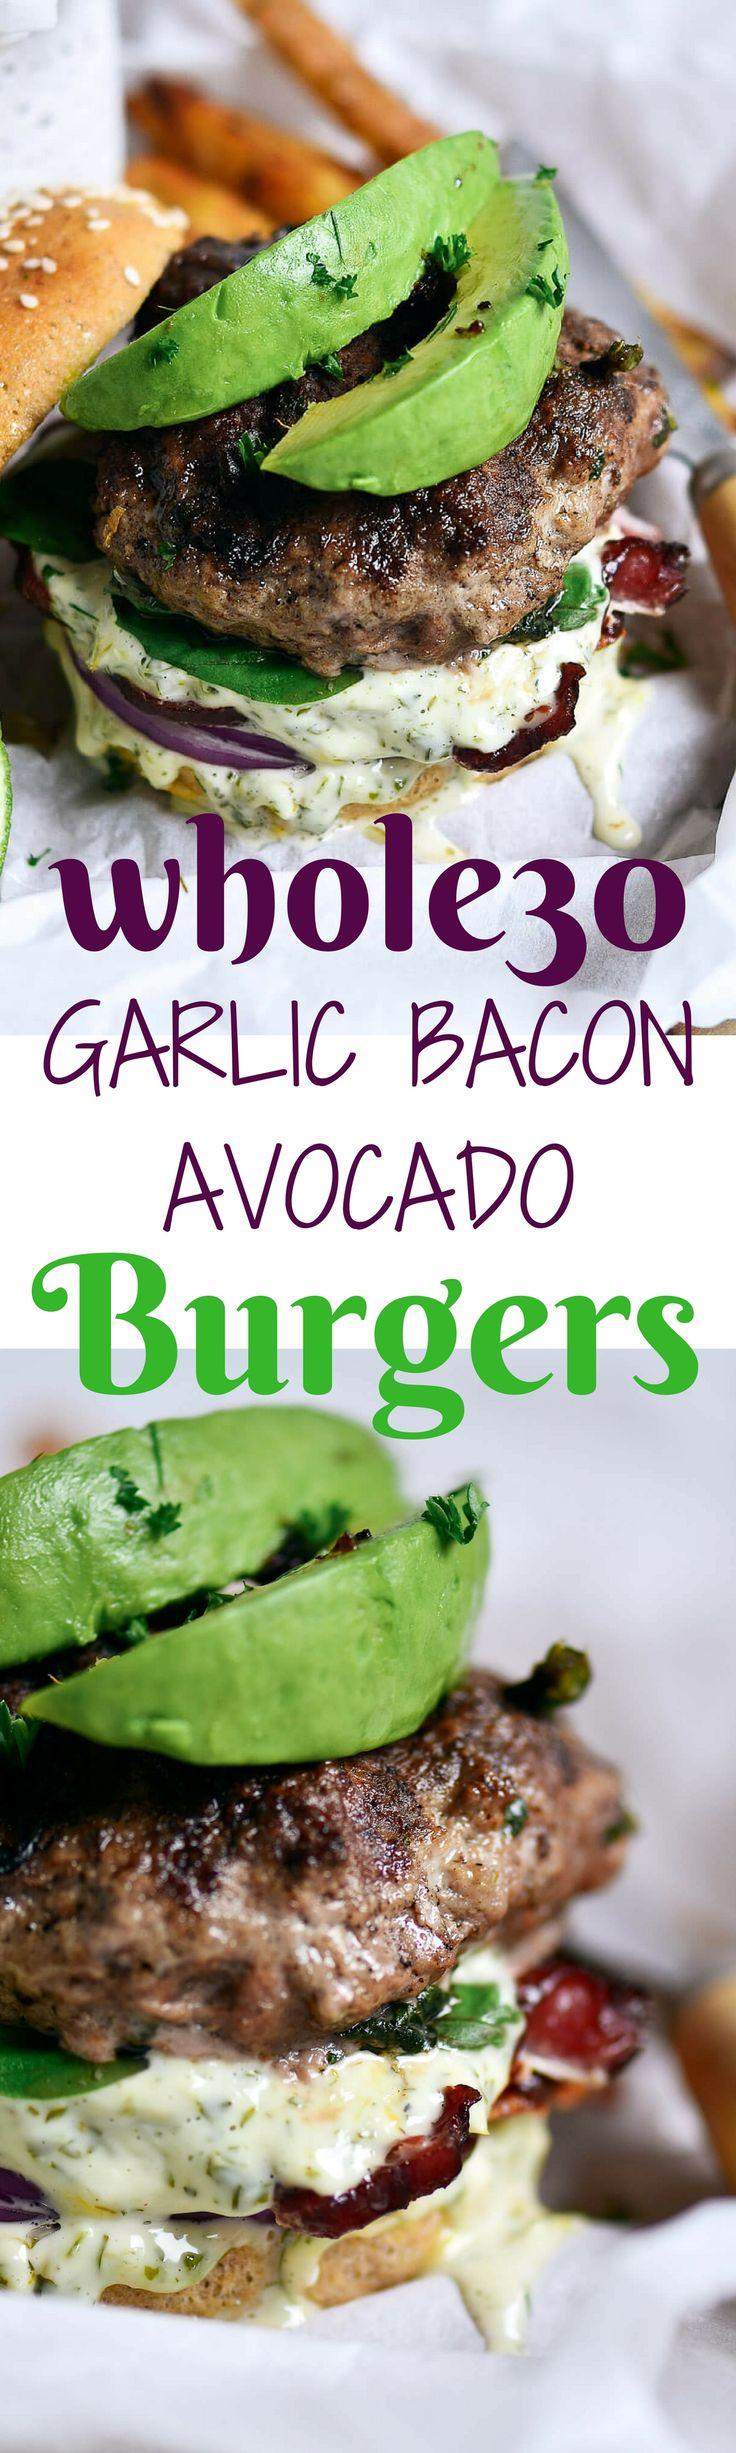 Garlic Bacon Avocado Burger recipe //